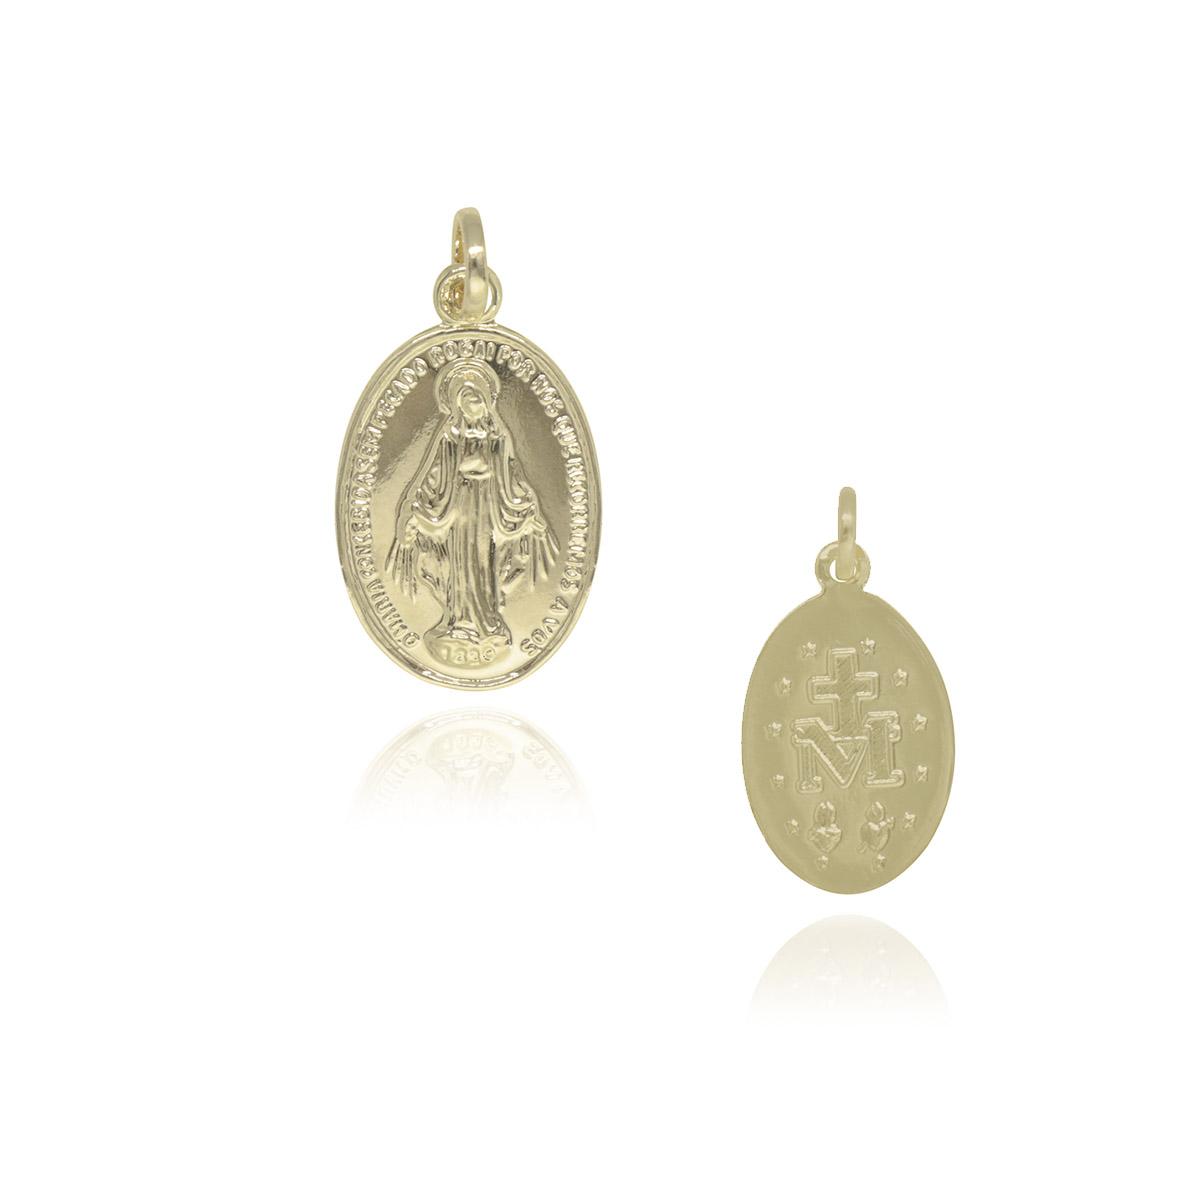 Pingente medalha Nossa Senhora das Graças folheado a ouro